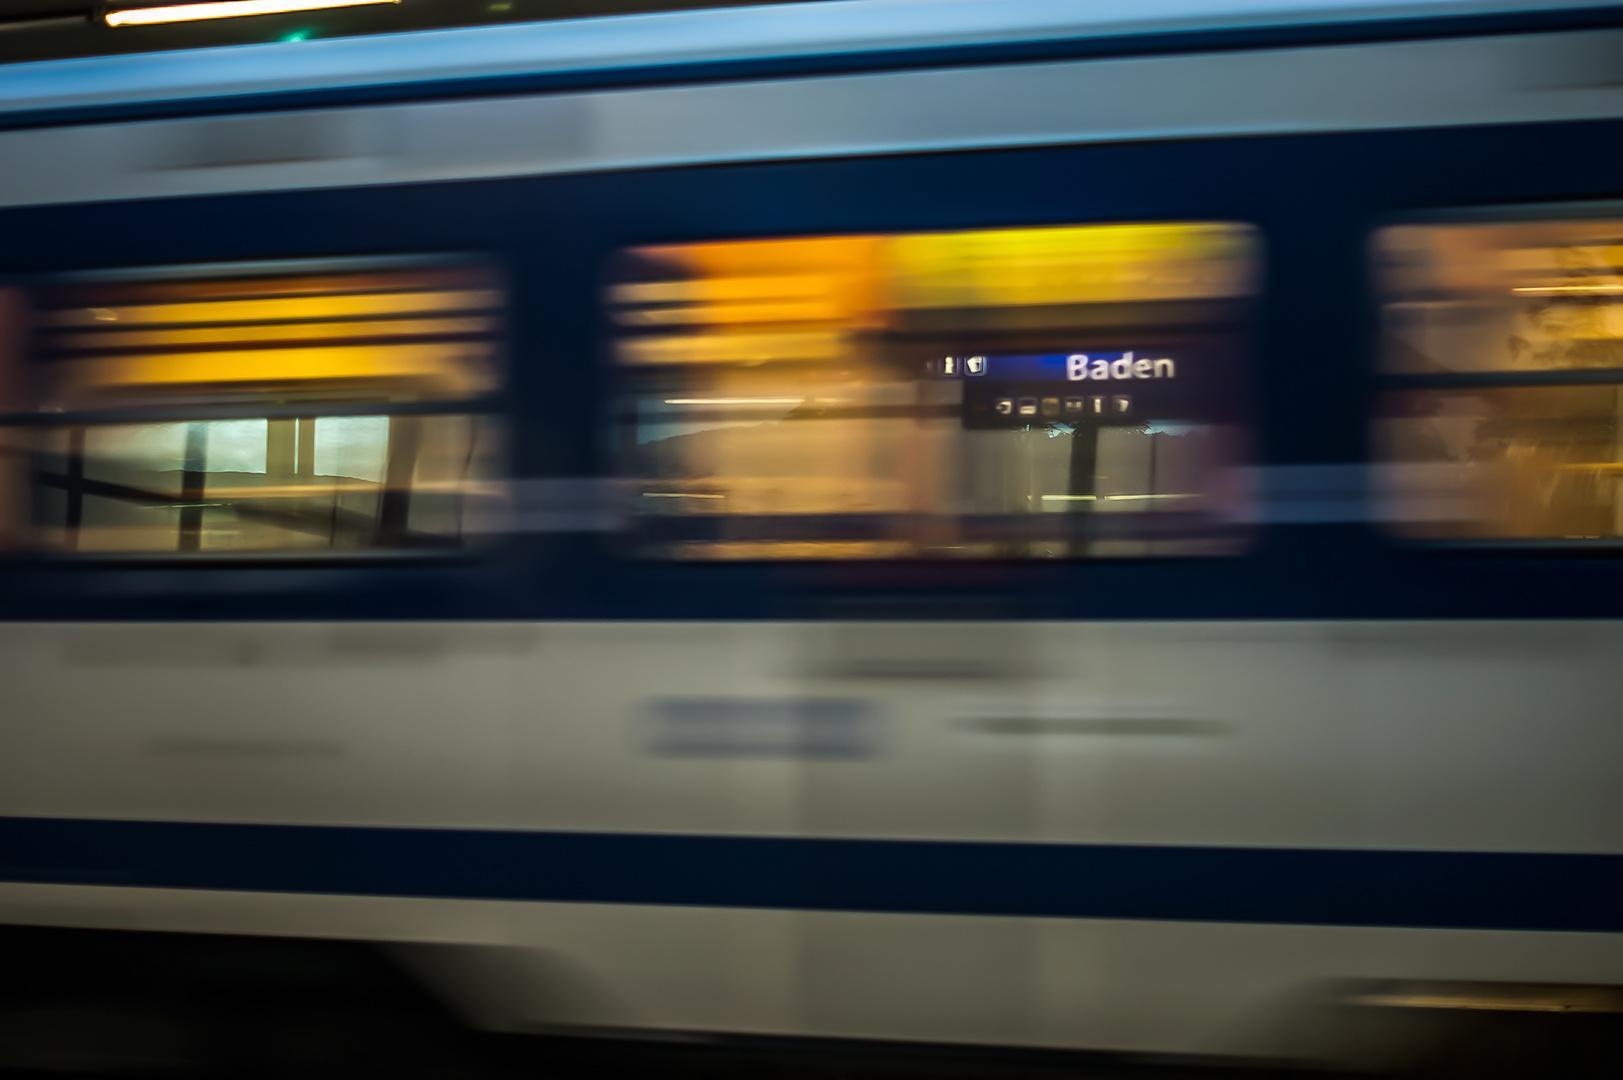 Baden Schnellbahn